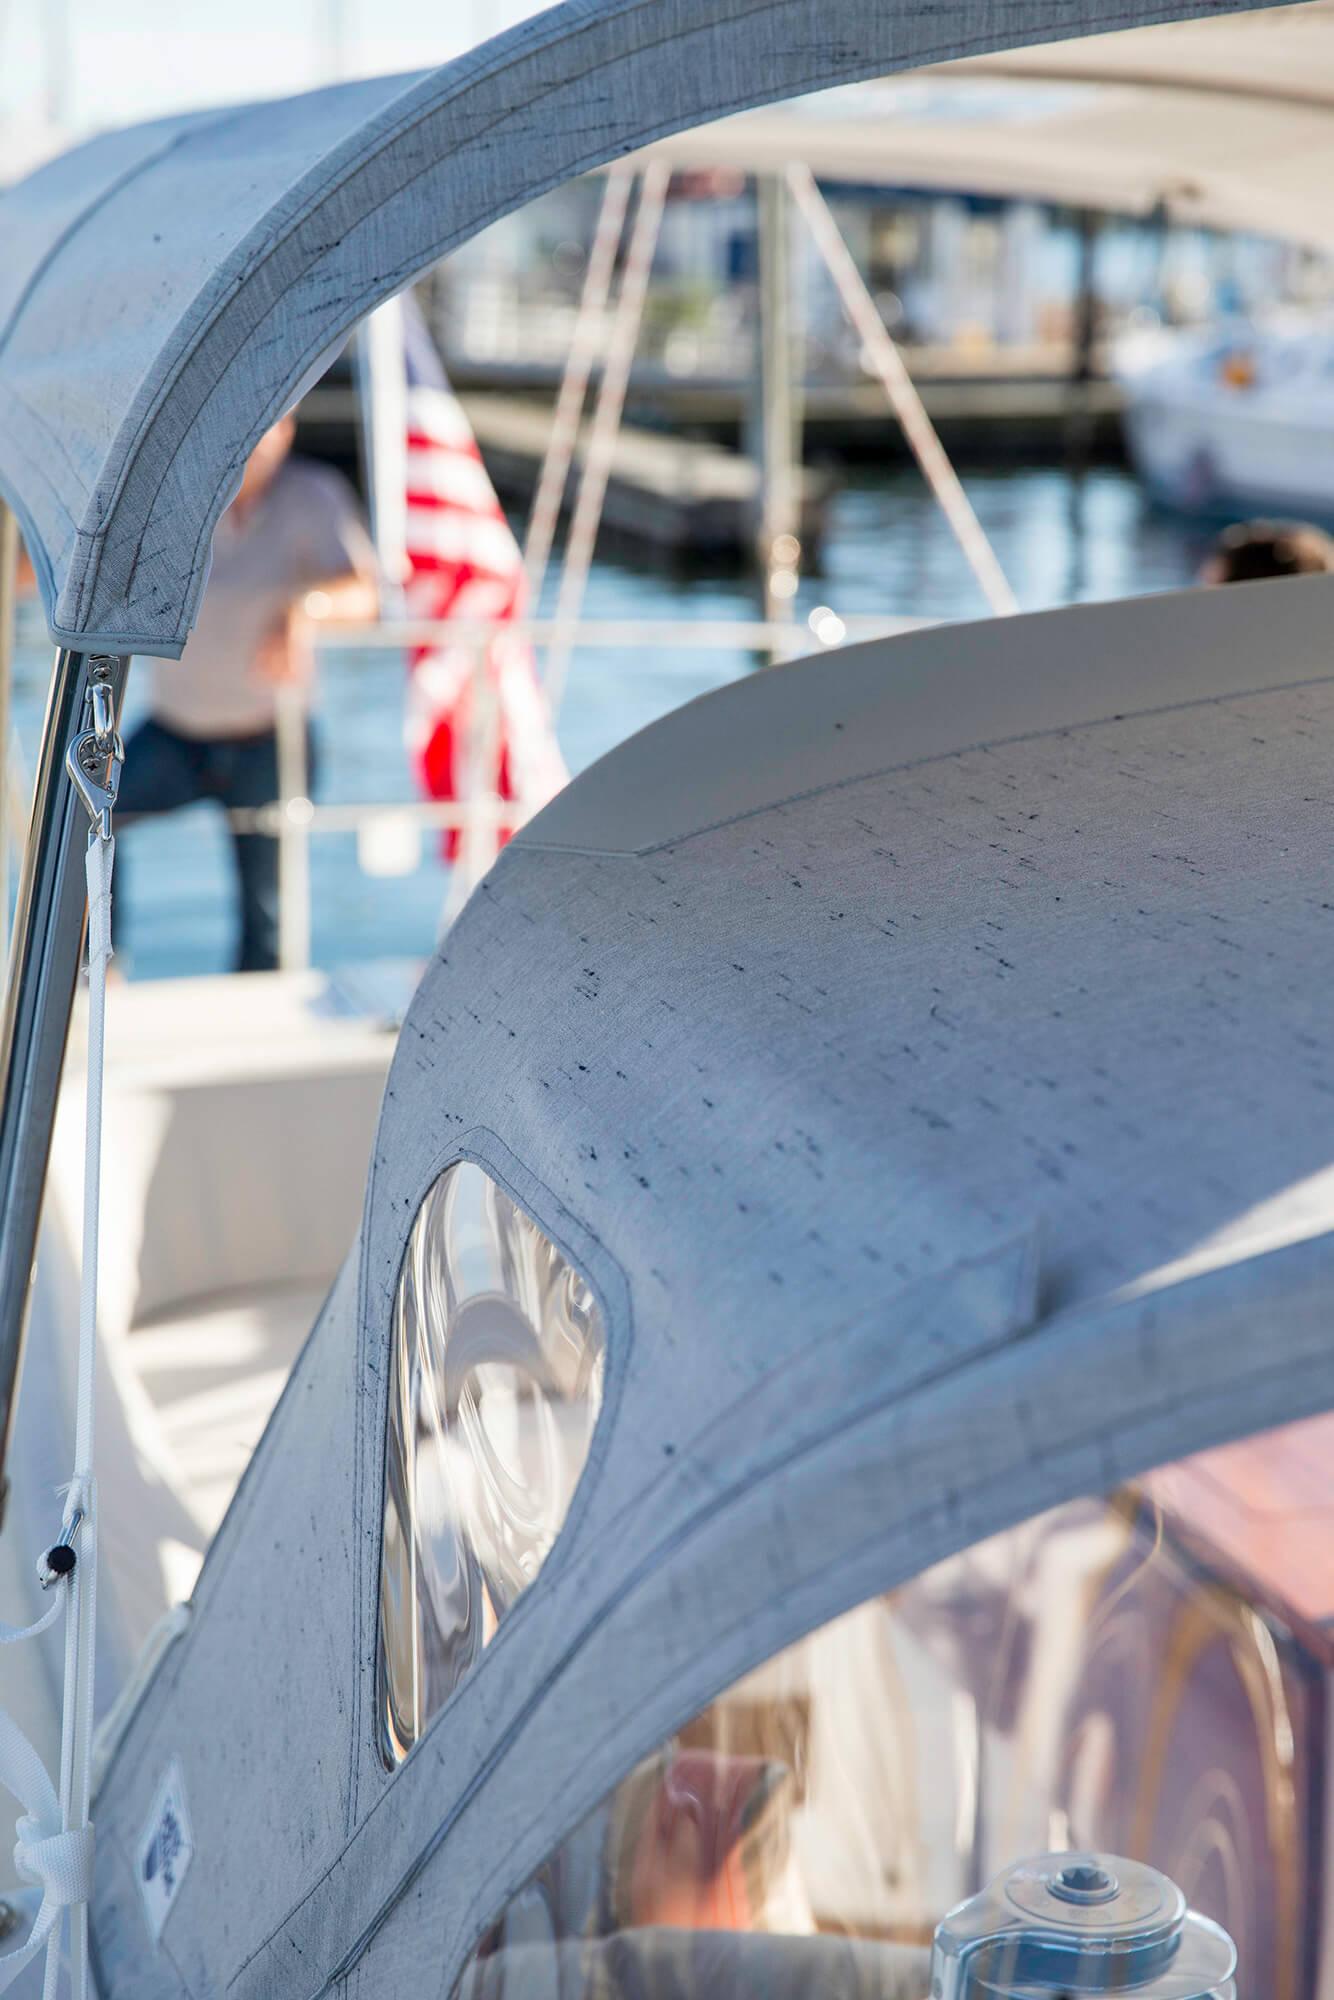 帆船防浪屏与 Sunbrella Crest Ash 织物遮阳篷的细节